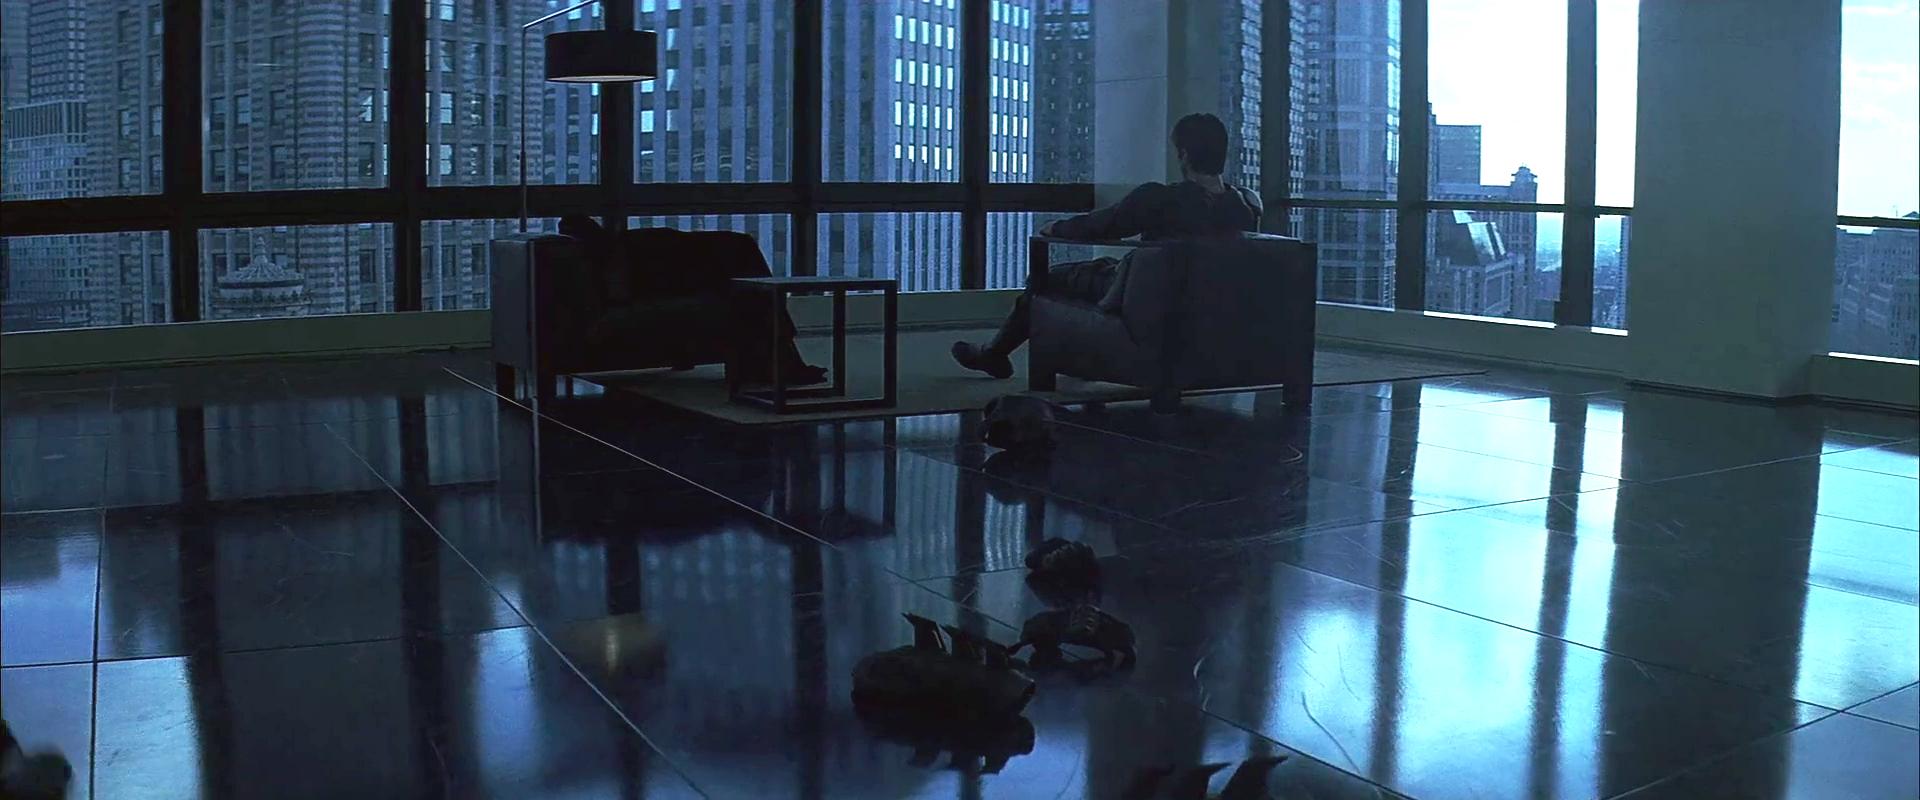 Bruce Wayne ellenőrző tekintete a chicagói Trump Toronyból <em>A sötét lovag</em>ban